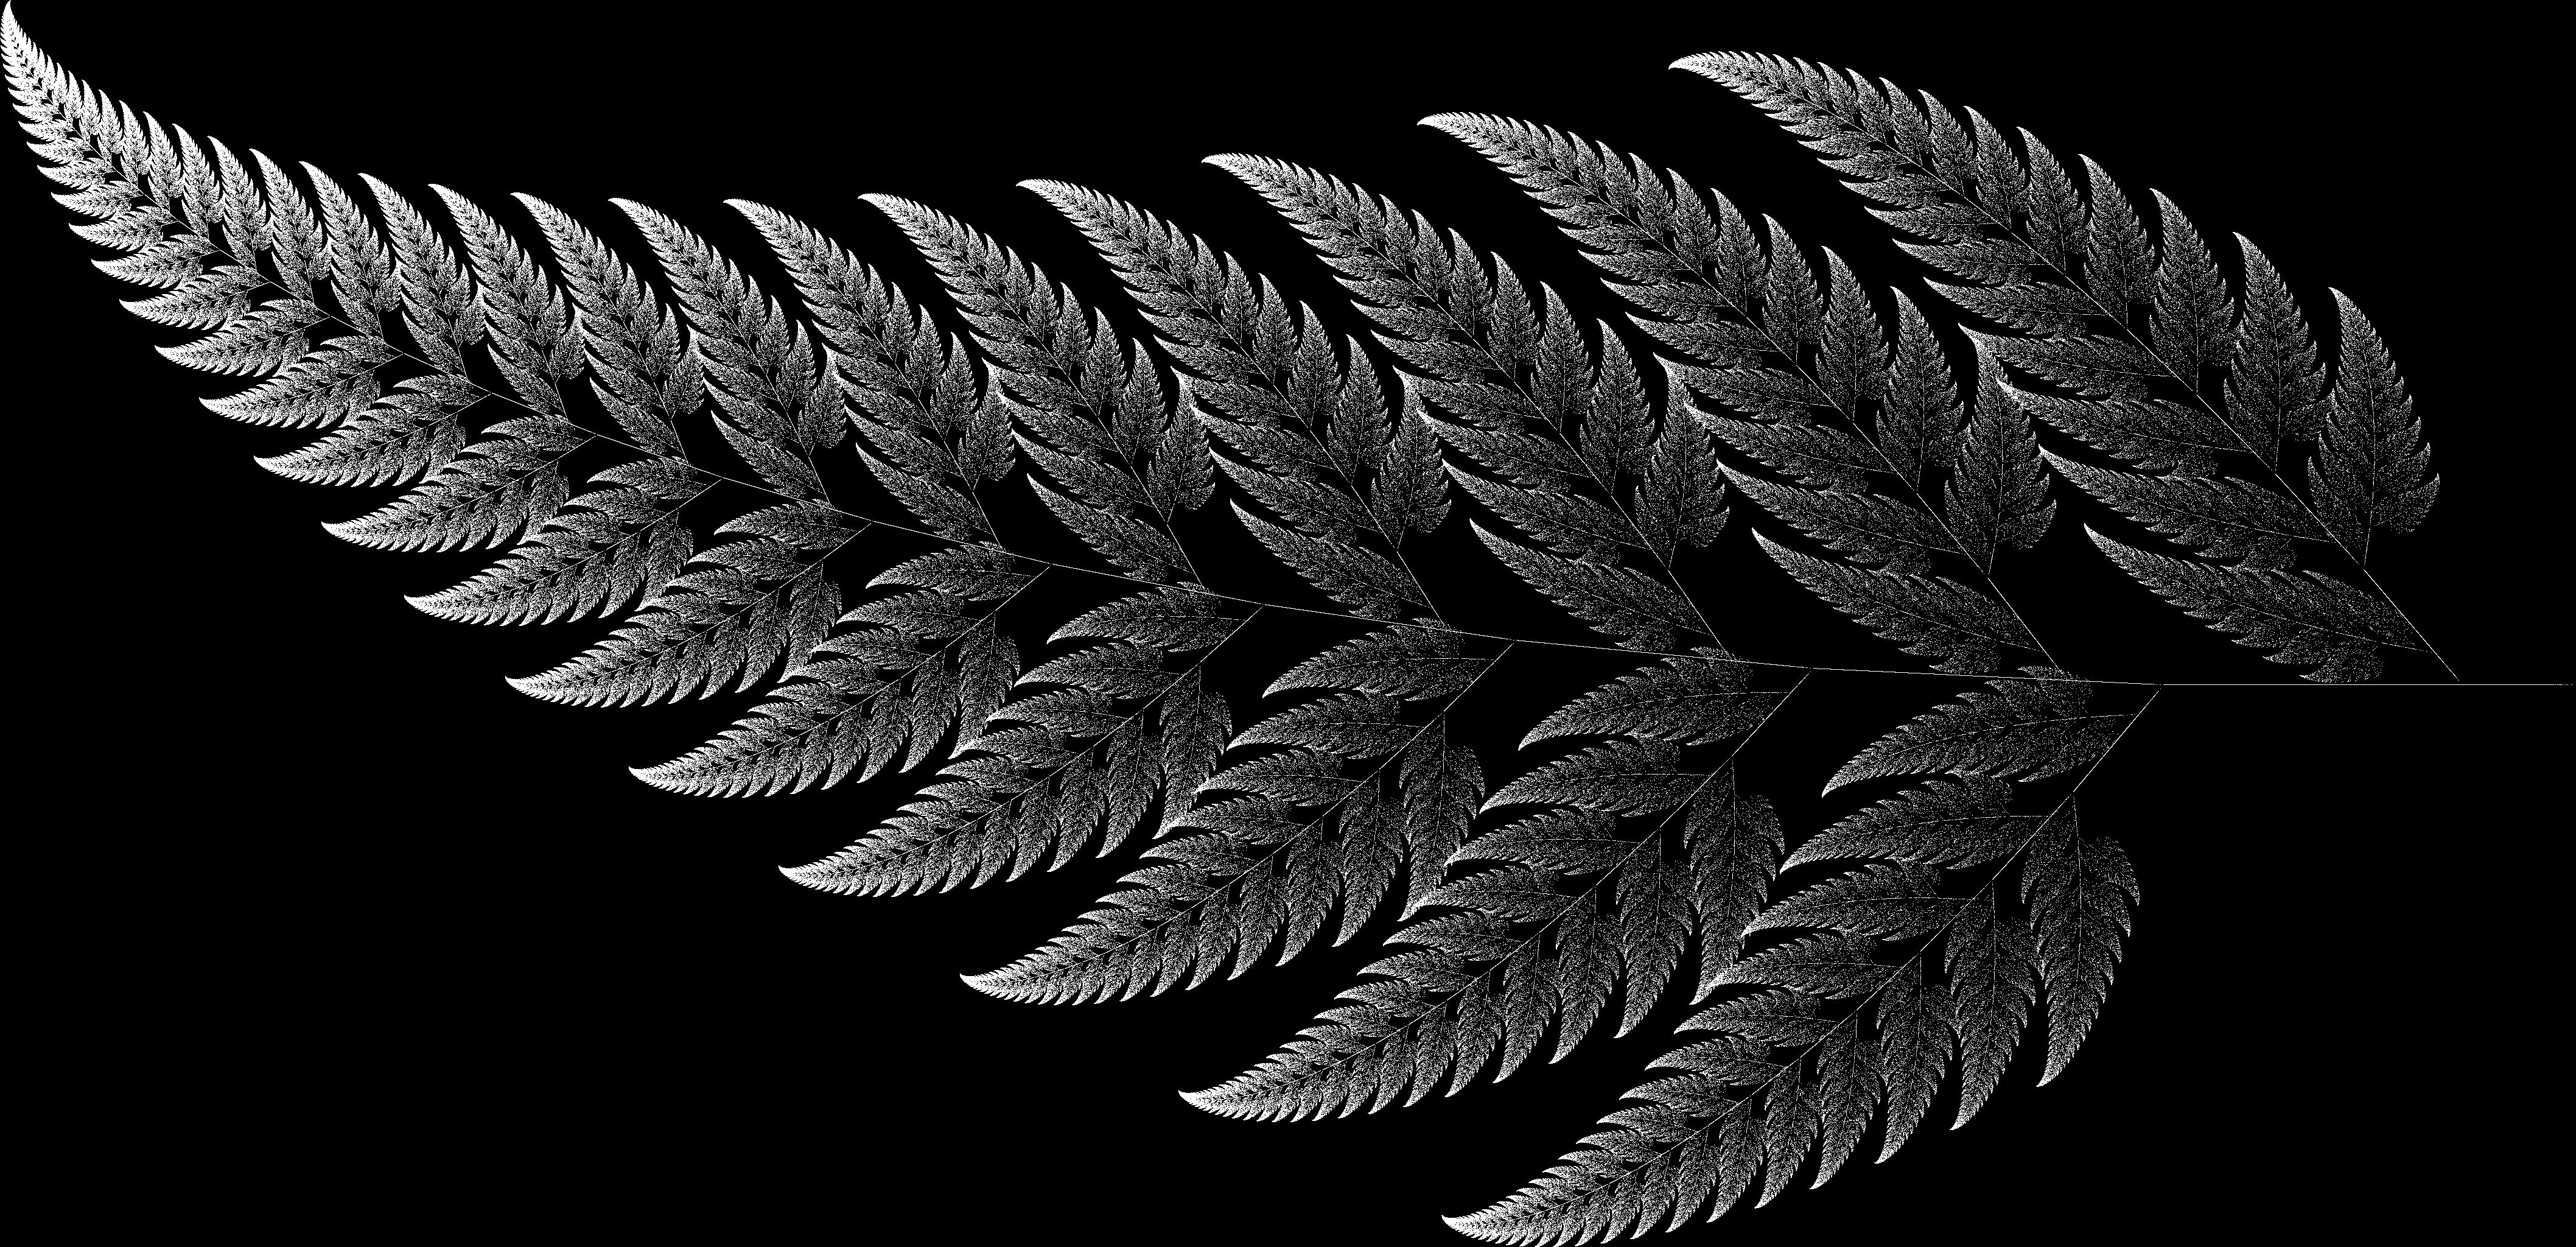 Barsley Fern fractal